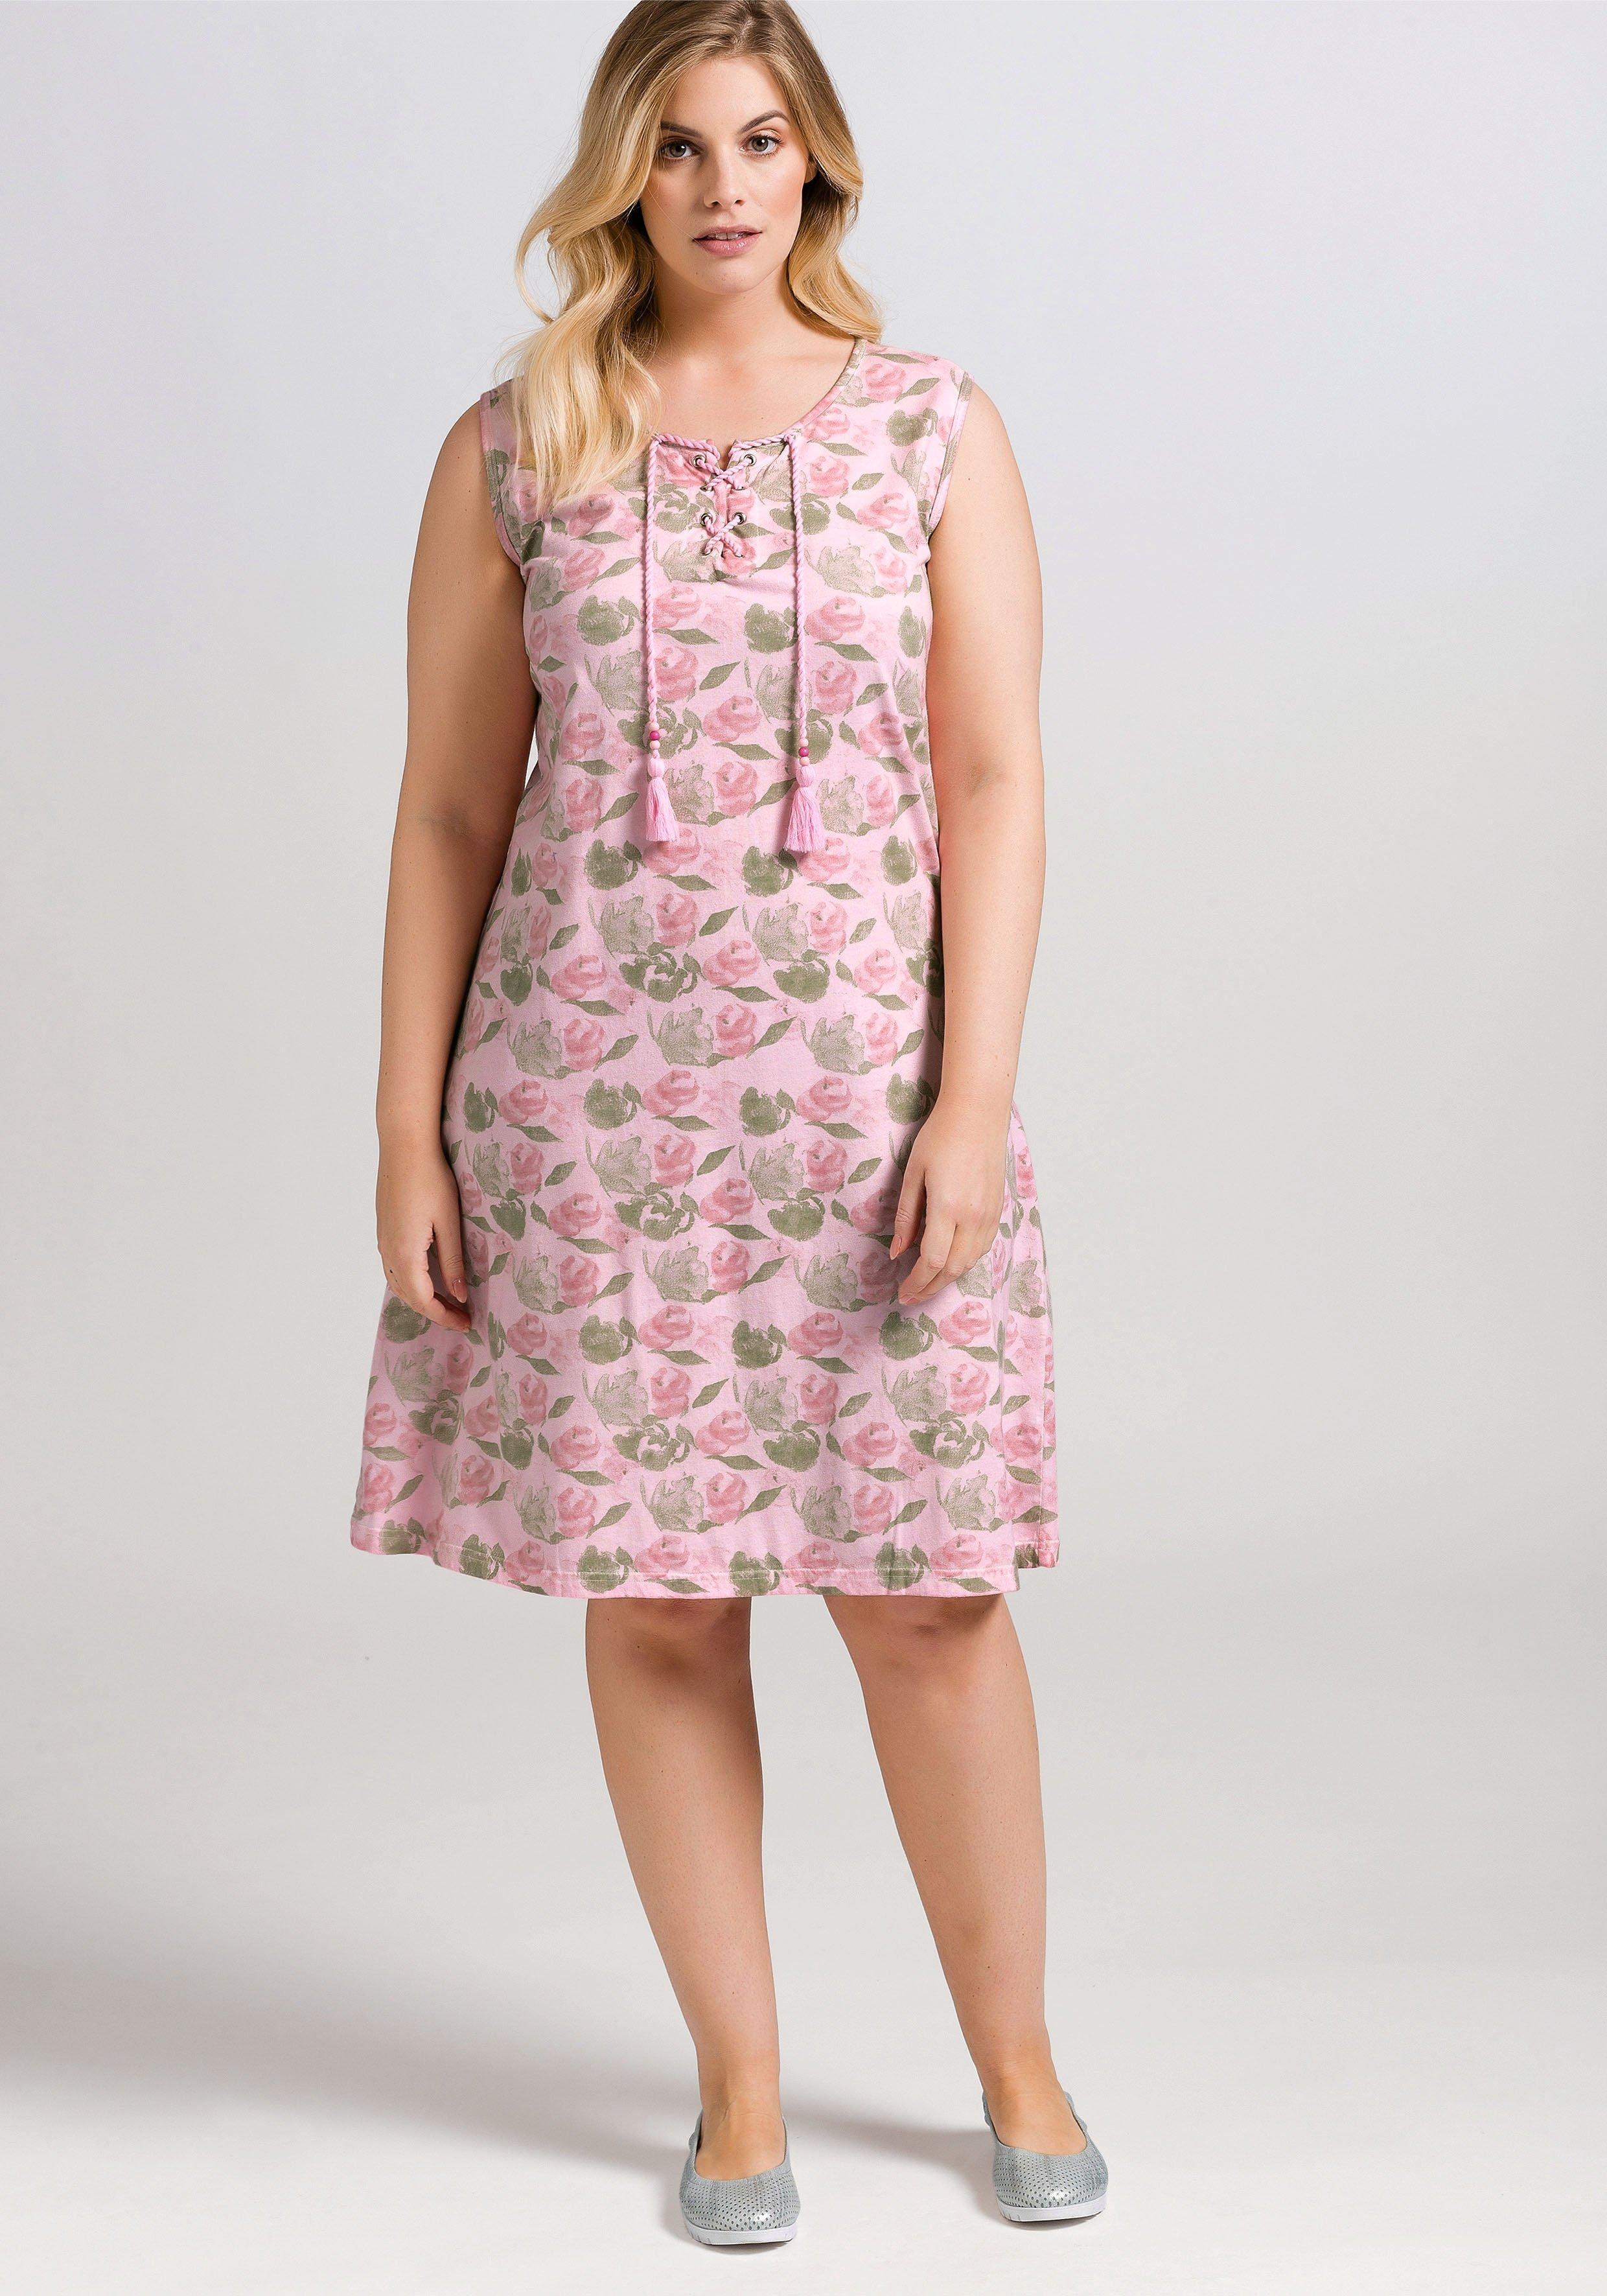 Große Größen: Jerseykleid mit Alloverdruck, cre...